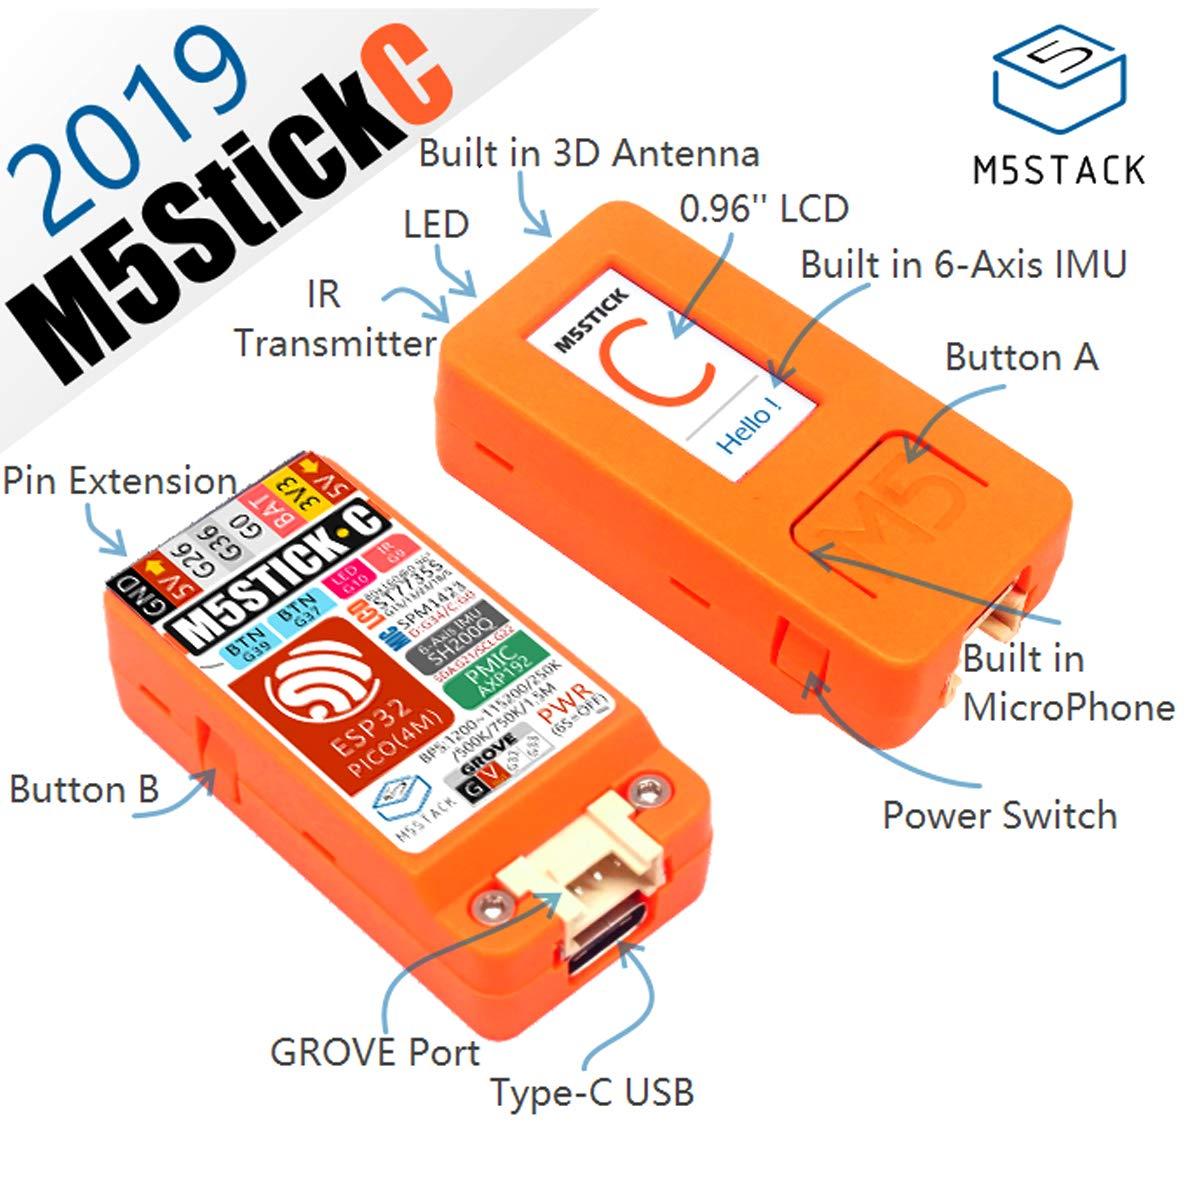 microfono interfaccia Grove MakerHawk M5StickC ESP32 Scheda mini IoT con display a colori LCD TFT a colori da 0,96 pollici MicroPython e UIFlow Programming flash incorporato da 4 MB per Arduino